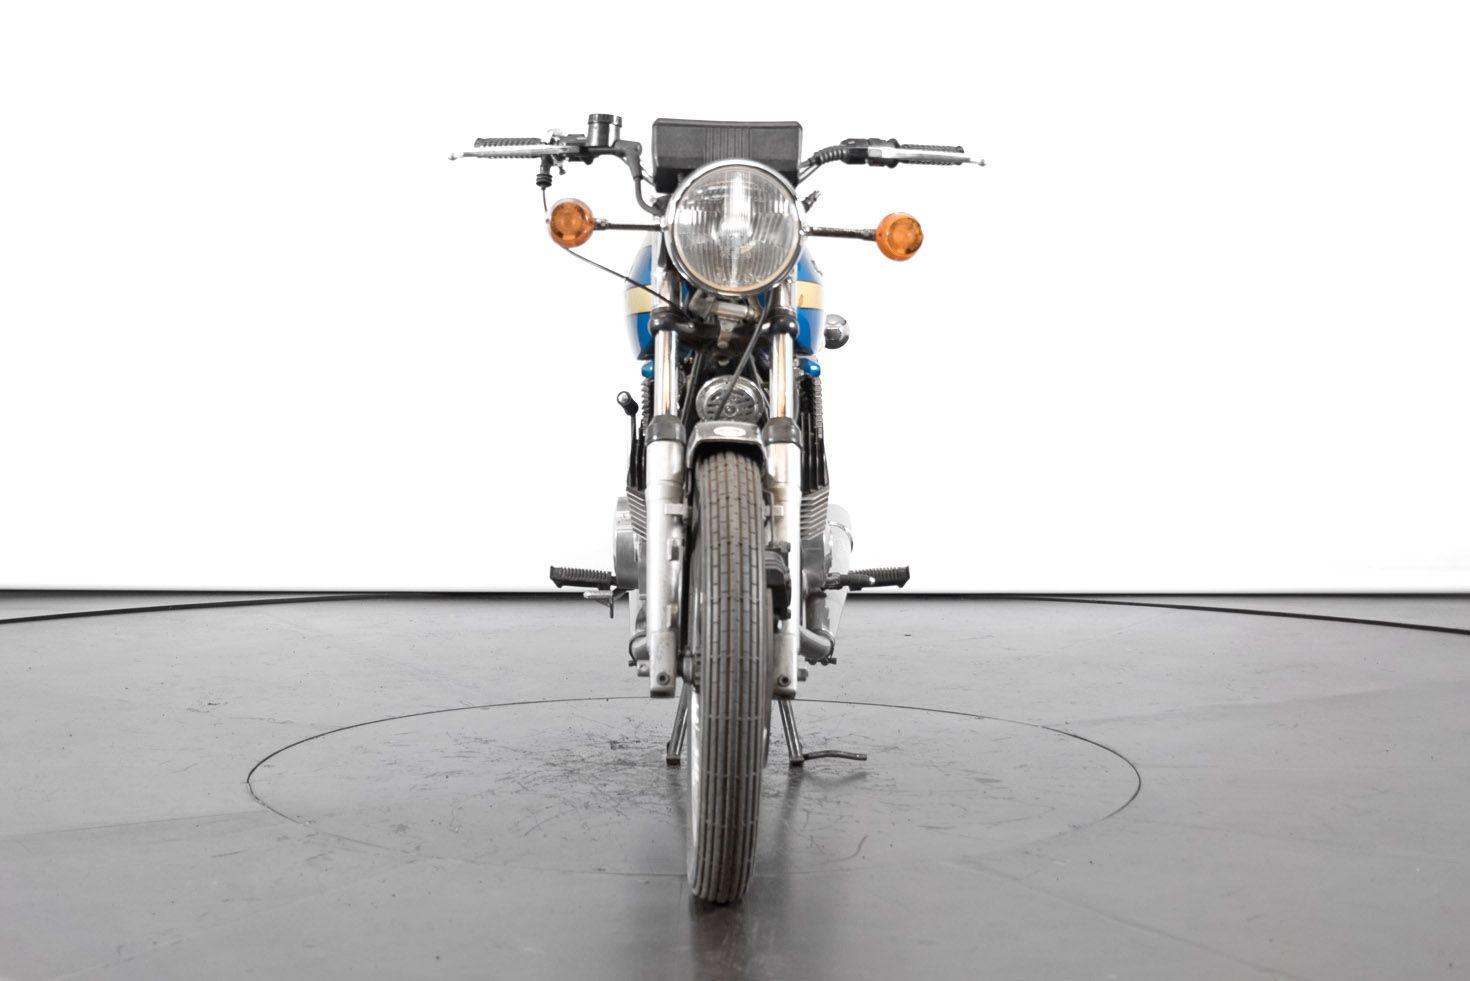 1976 Moto Guzzi 250 2C 2T 74665